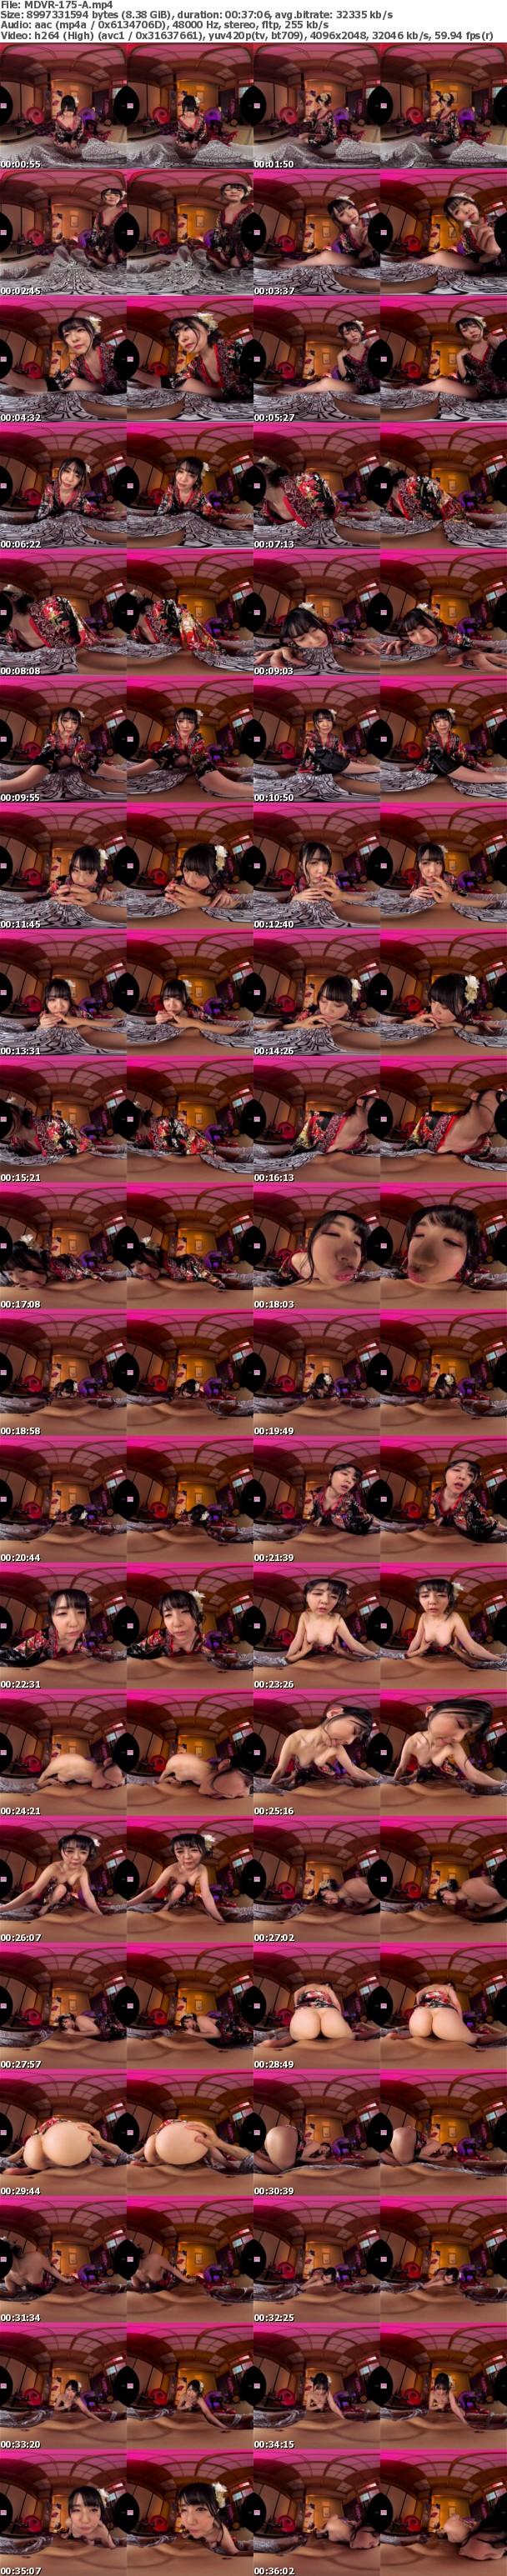 (VR) MDVR-175 時は江戸時代、鬼退治の束の間。最高級花魁に全身舐めしゃぶりご奉仕される癒しの遊郭VR つぼみ